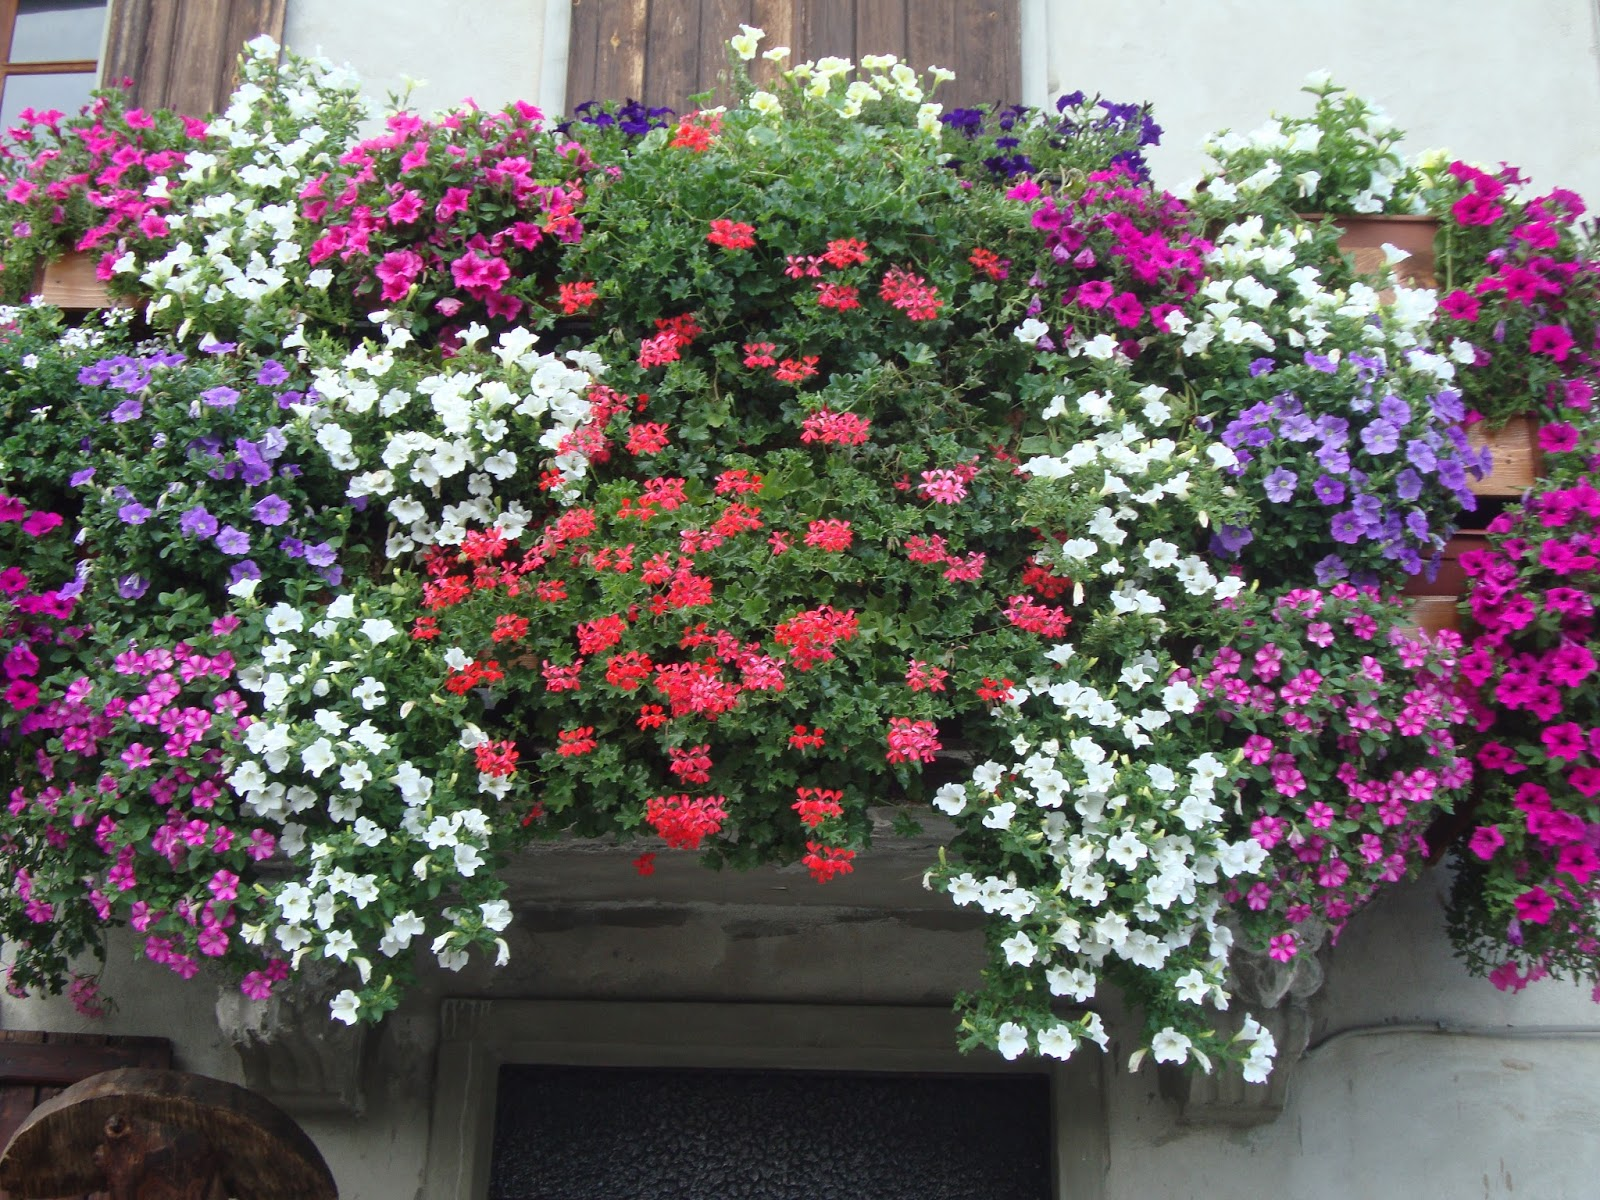 Un piccolo giardino in citt balconi fioriti - Giardini curati ...